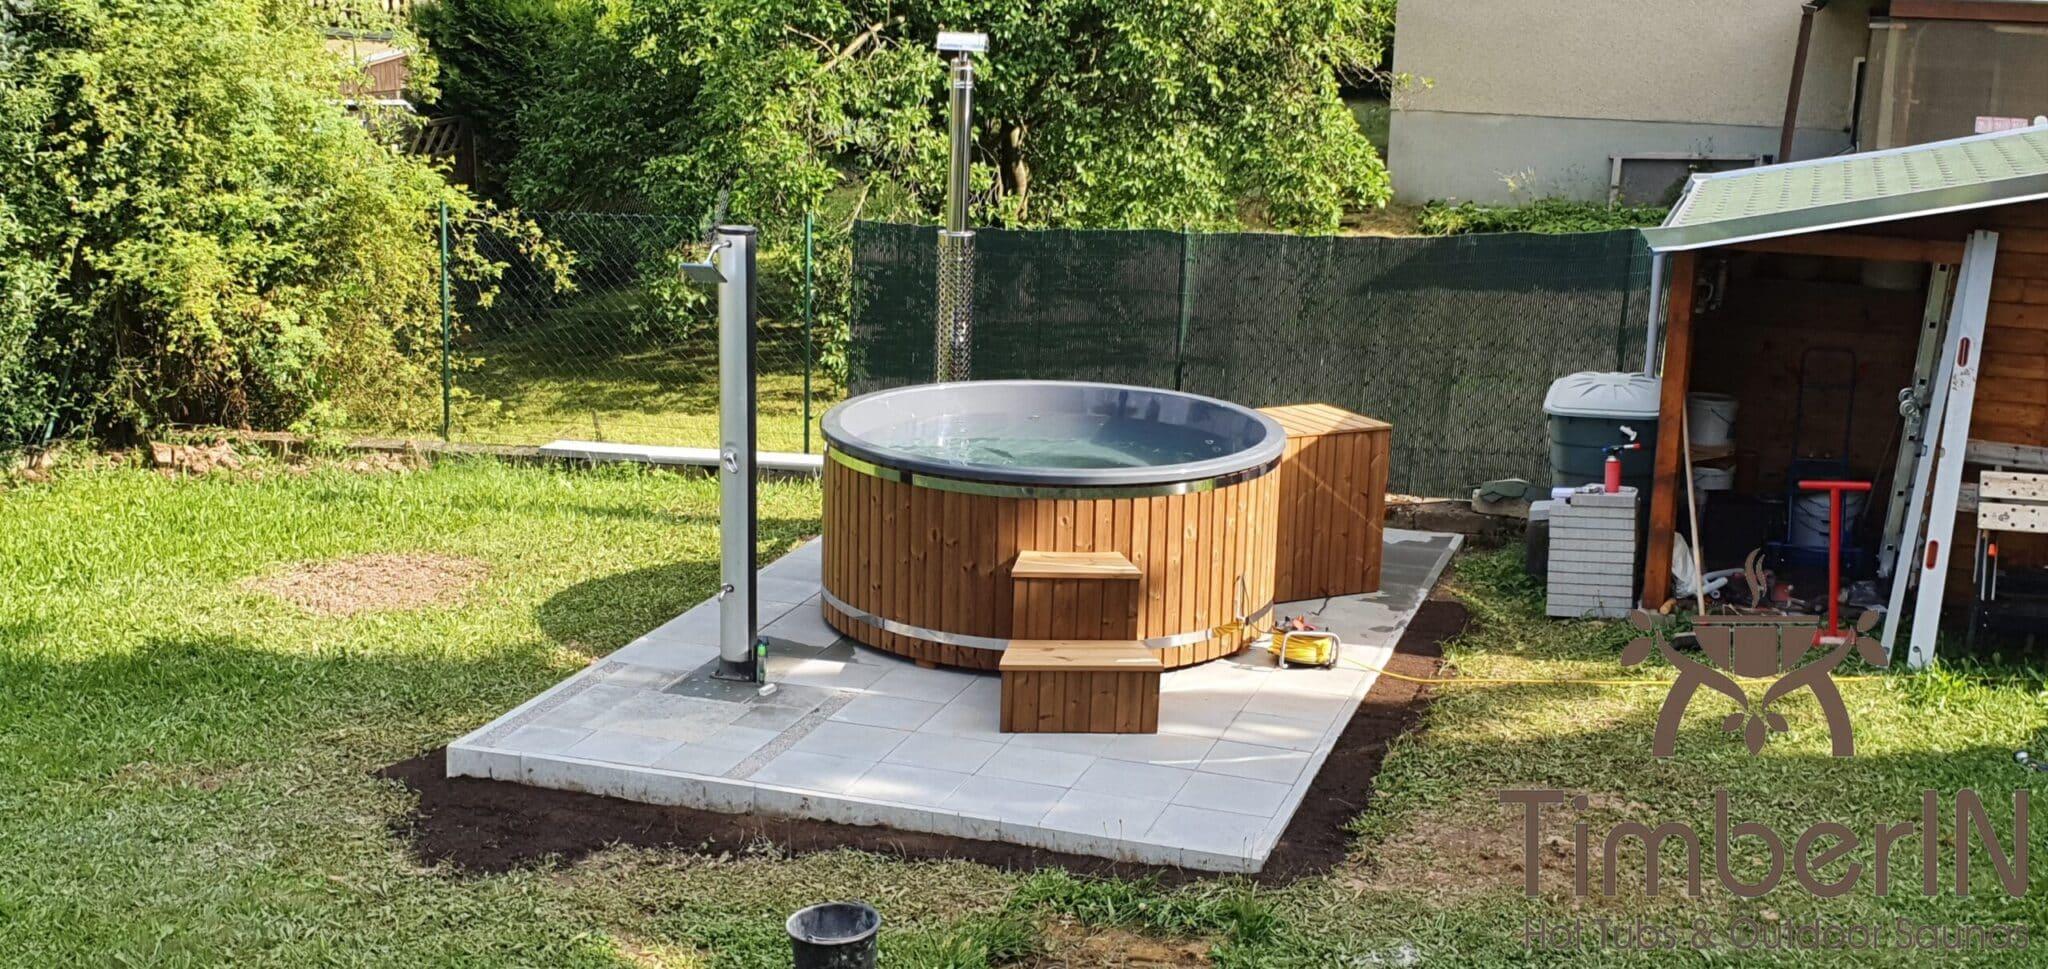 Badezuber Badefass Hot Tube mit Whirlpool Holzofen TimberIN Rojal Steffen Niederwiesa Deutschland 5 1 scaled